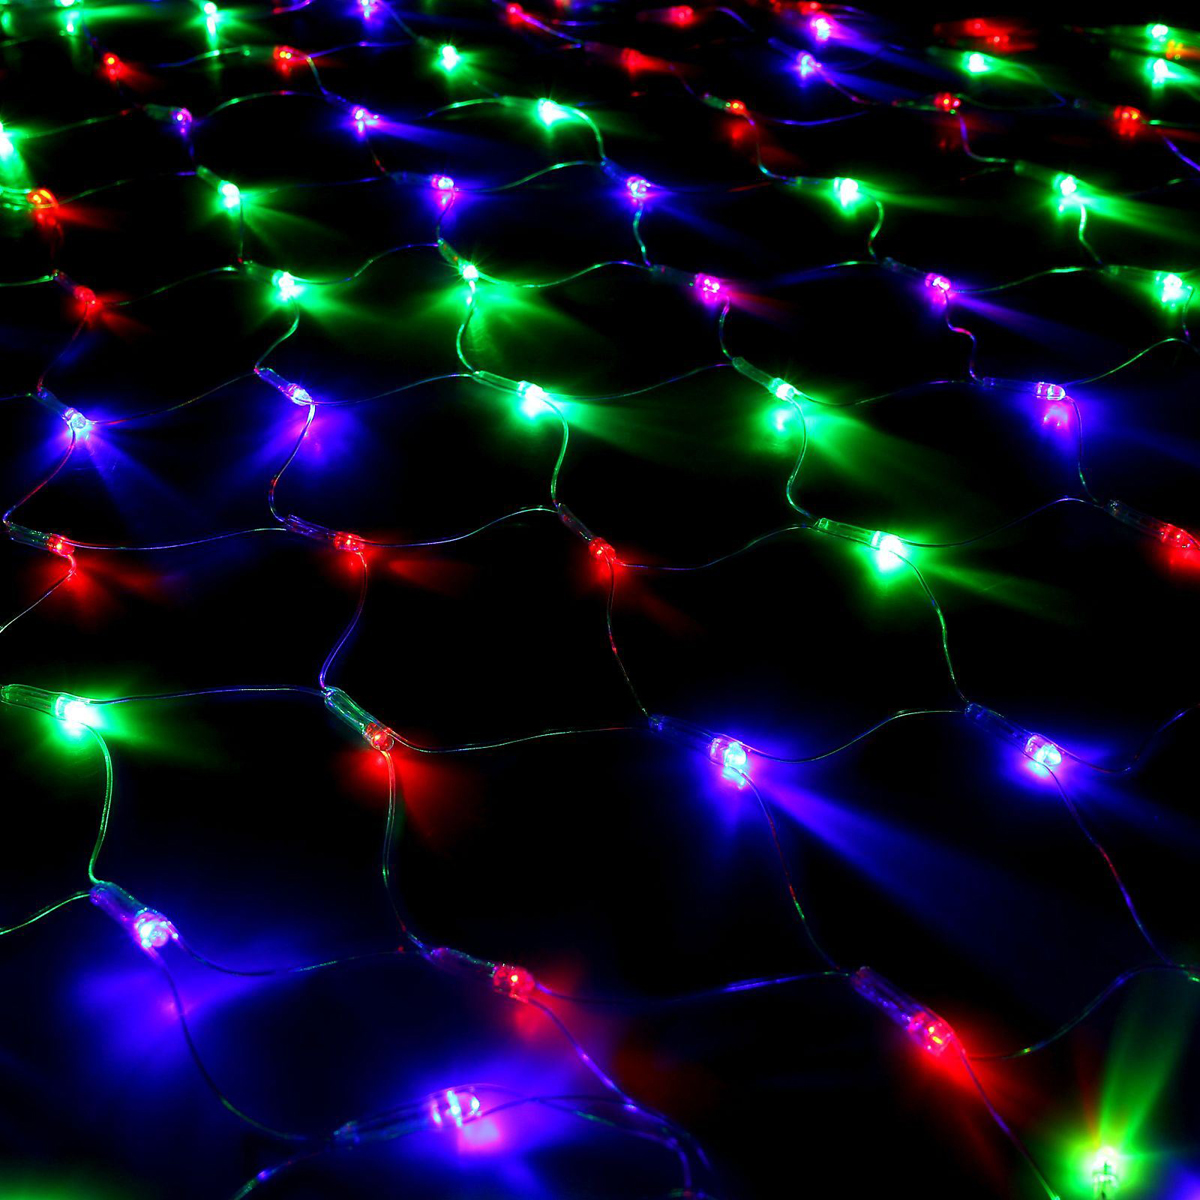 Гирлянда Luazon Сетка, длина 1,1 м, LED 144 ламп, 220V, цвет: мультиколор315-421Светодиодные гирлянды, ленты и т.д — это отличный вариант для новогоднего оформления интерьера или фасада. С их помощью помещение любого размера можно превратить в праздничный зал, а внешние элементы зданий, украшенные ими, мгновенно станут напоминать очертания сказочного дворца. Такие украшения создают ауру предвкушения чуда. Деревья, фасады, витрины, окна и арки будто специально созданы, чтобы вы украсили их светящимися нитями.